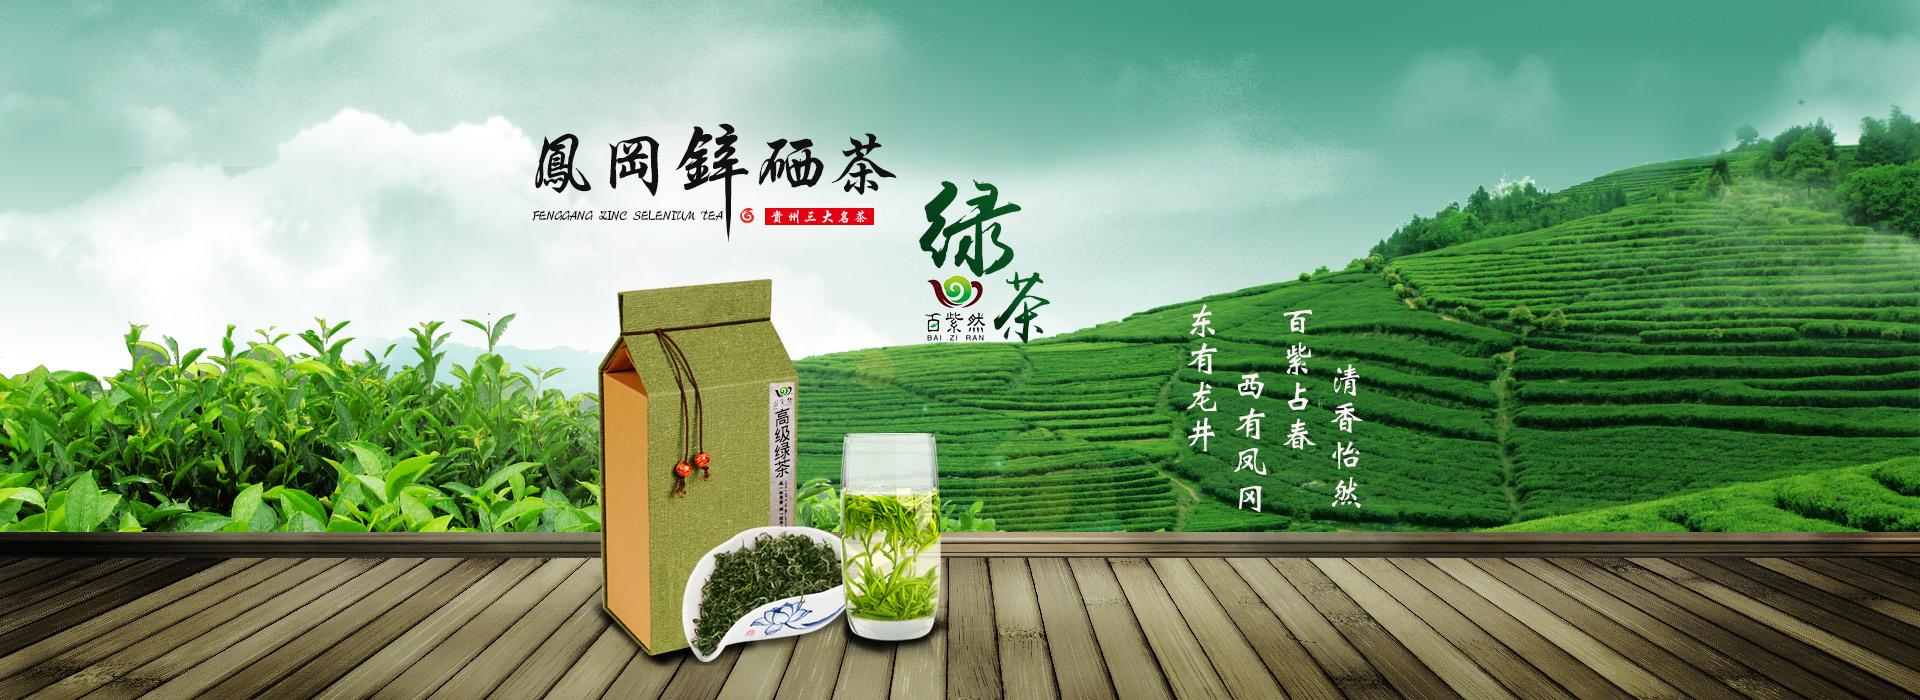 綠茶banner